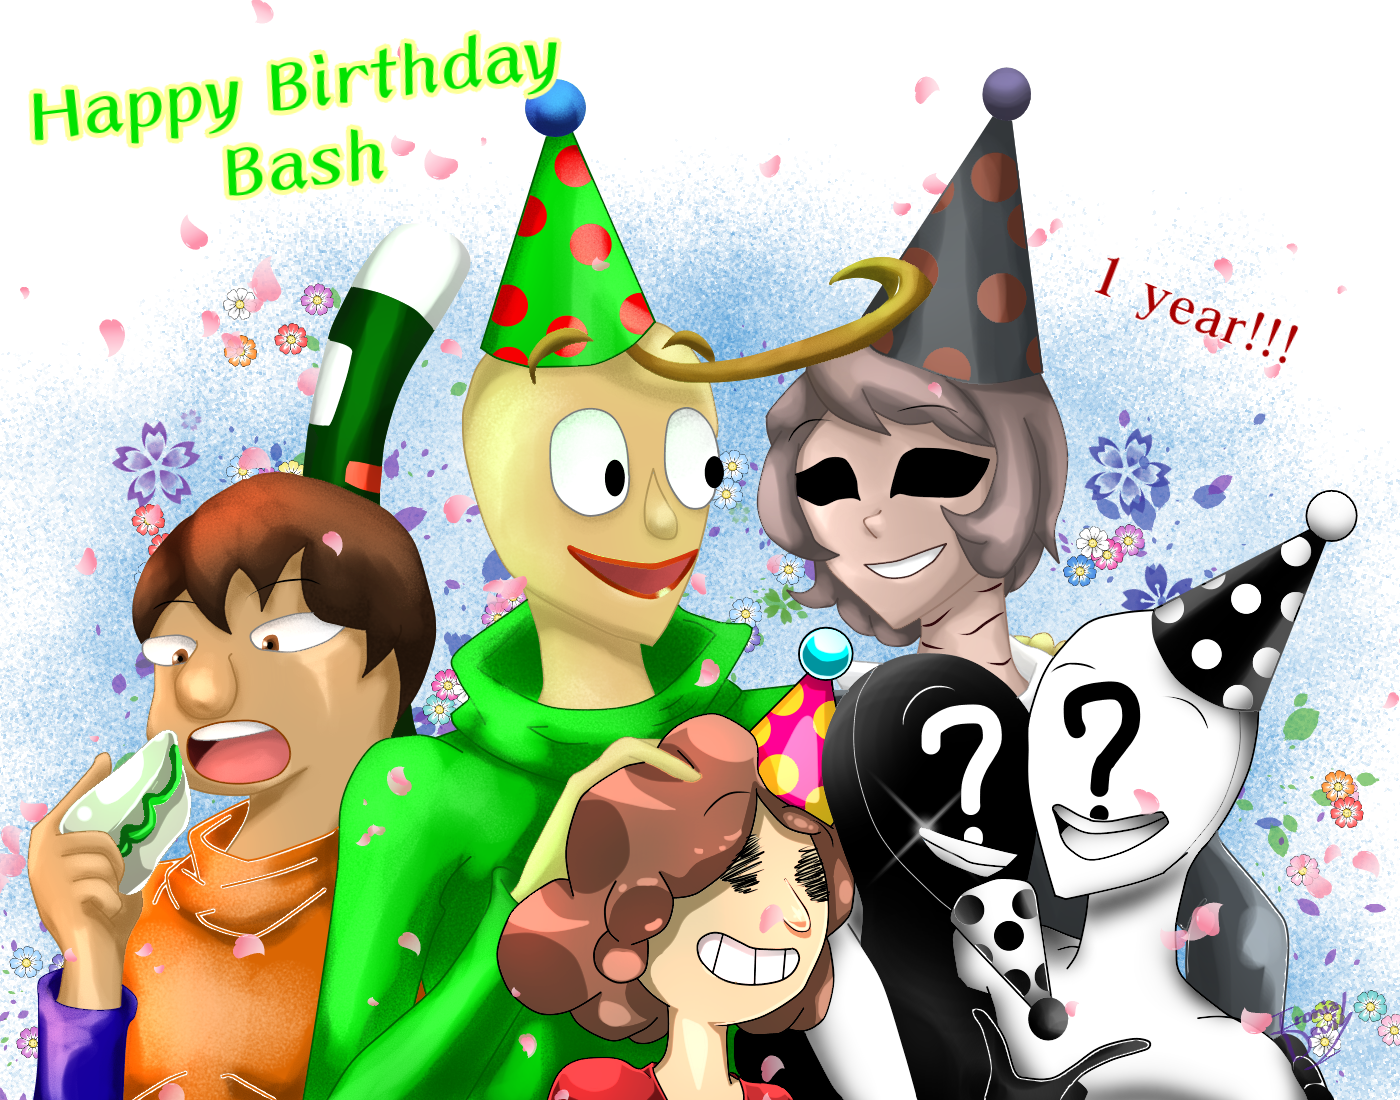 Bbieal Happy Birthday Bash Birthday Bash Happy Birthday Birthday